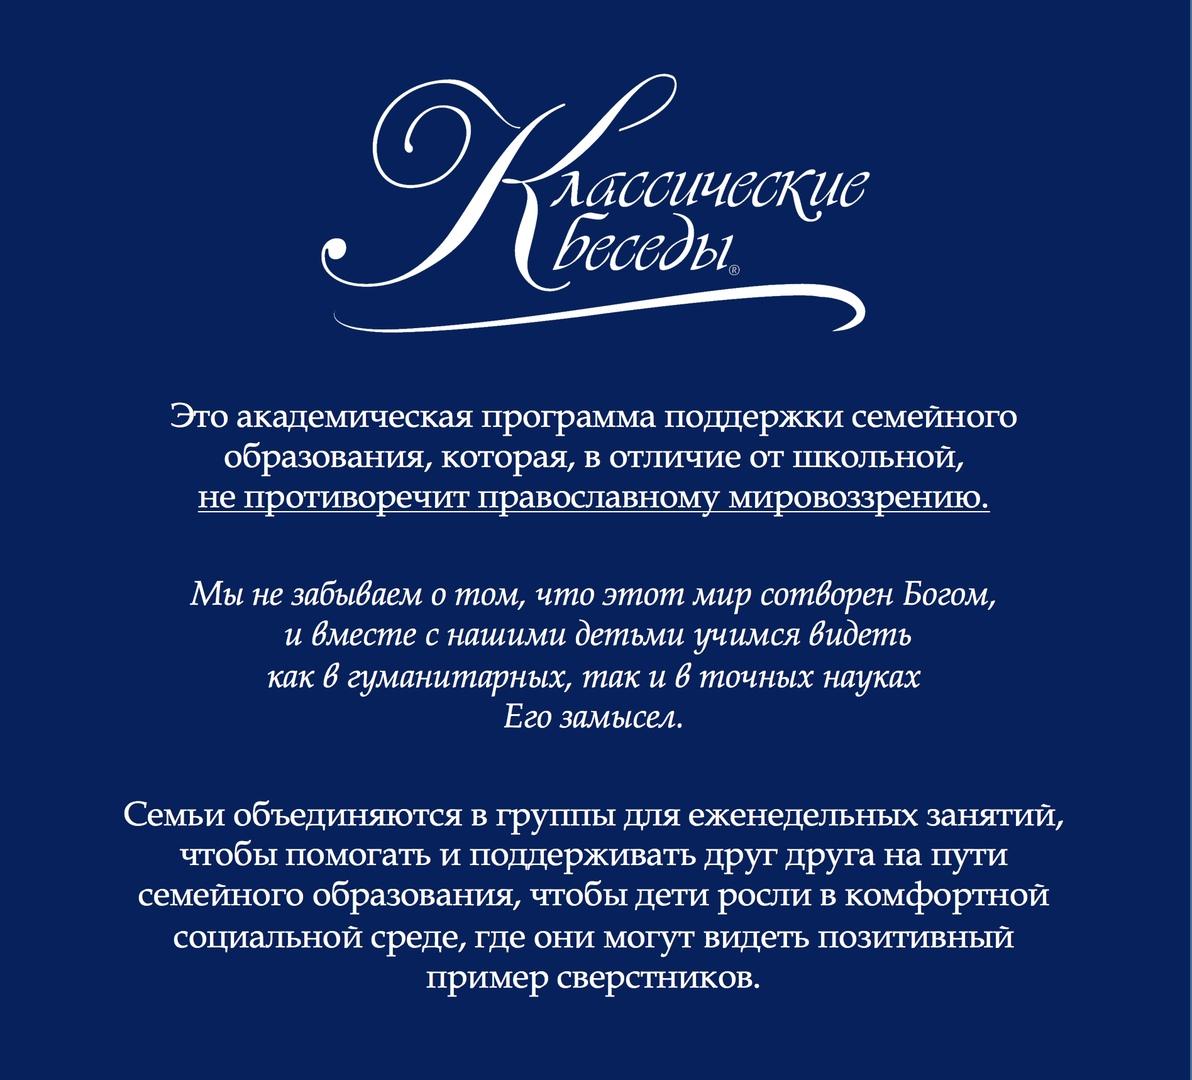 Бердск: Информационная встреча посвященная знакомству с семейным образованием по программе «Классические беседы» (24.08.19)